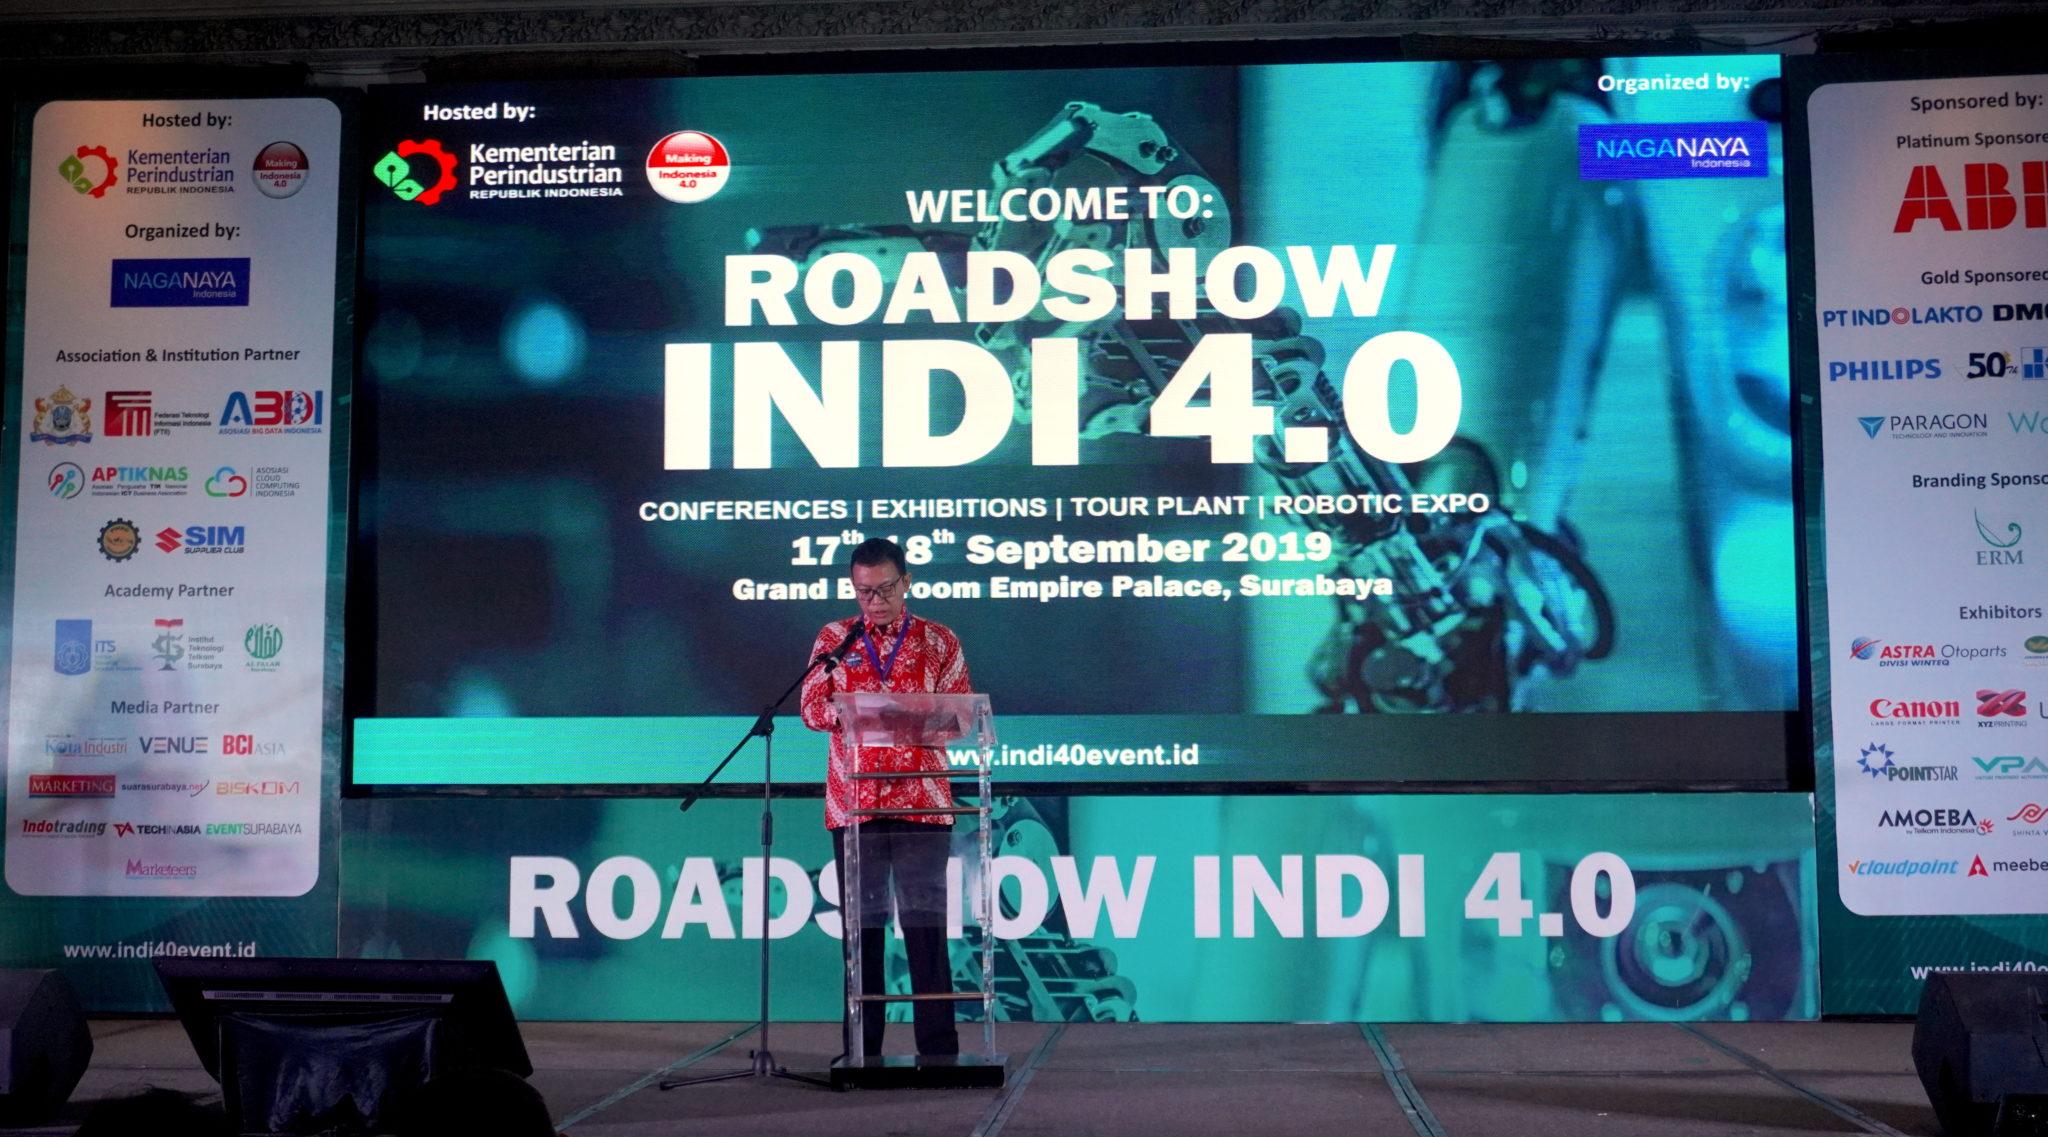 Roadshow INDI 4.0